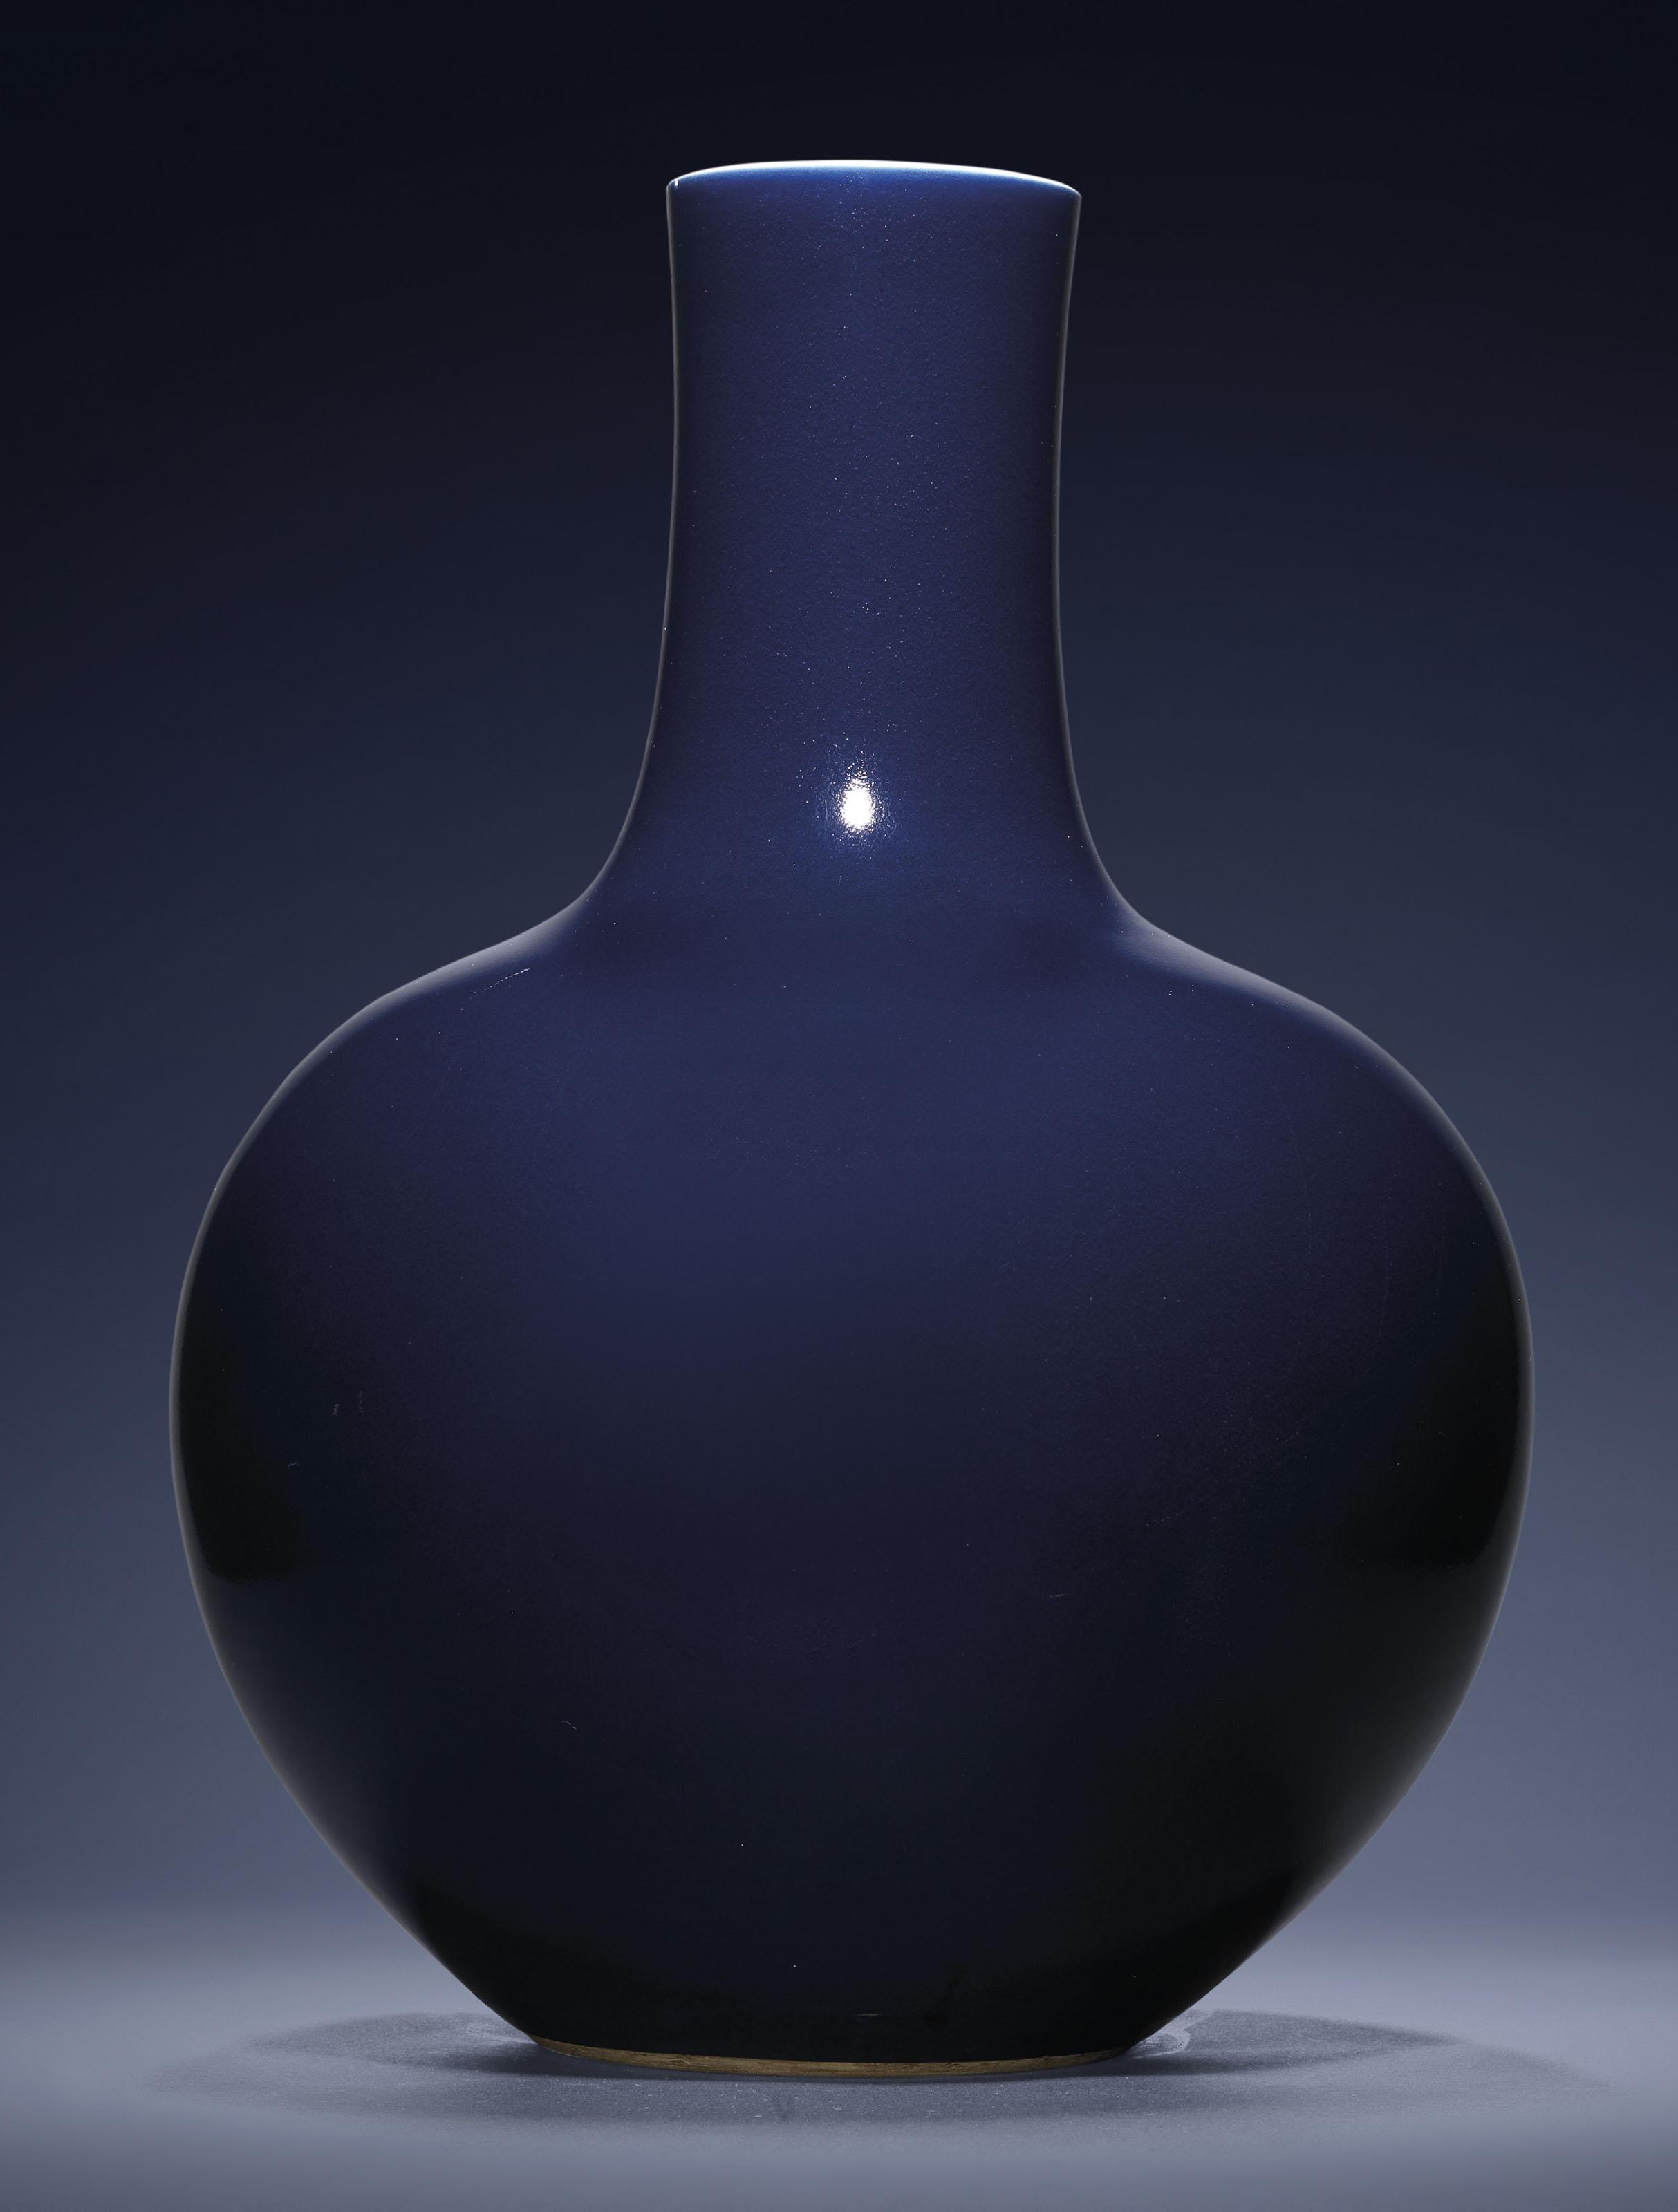 A FINE LARGE BLUE-GLAZED BOTTLE VASE, TIANQIUPING